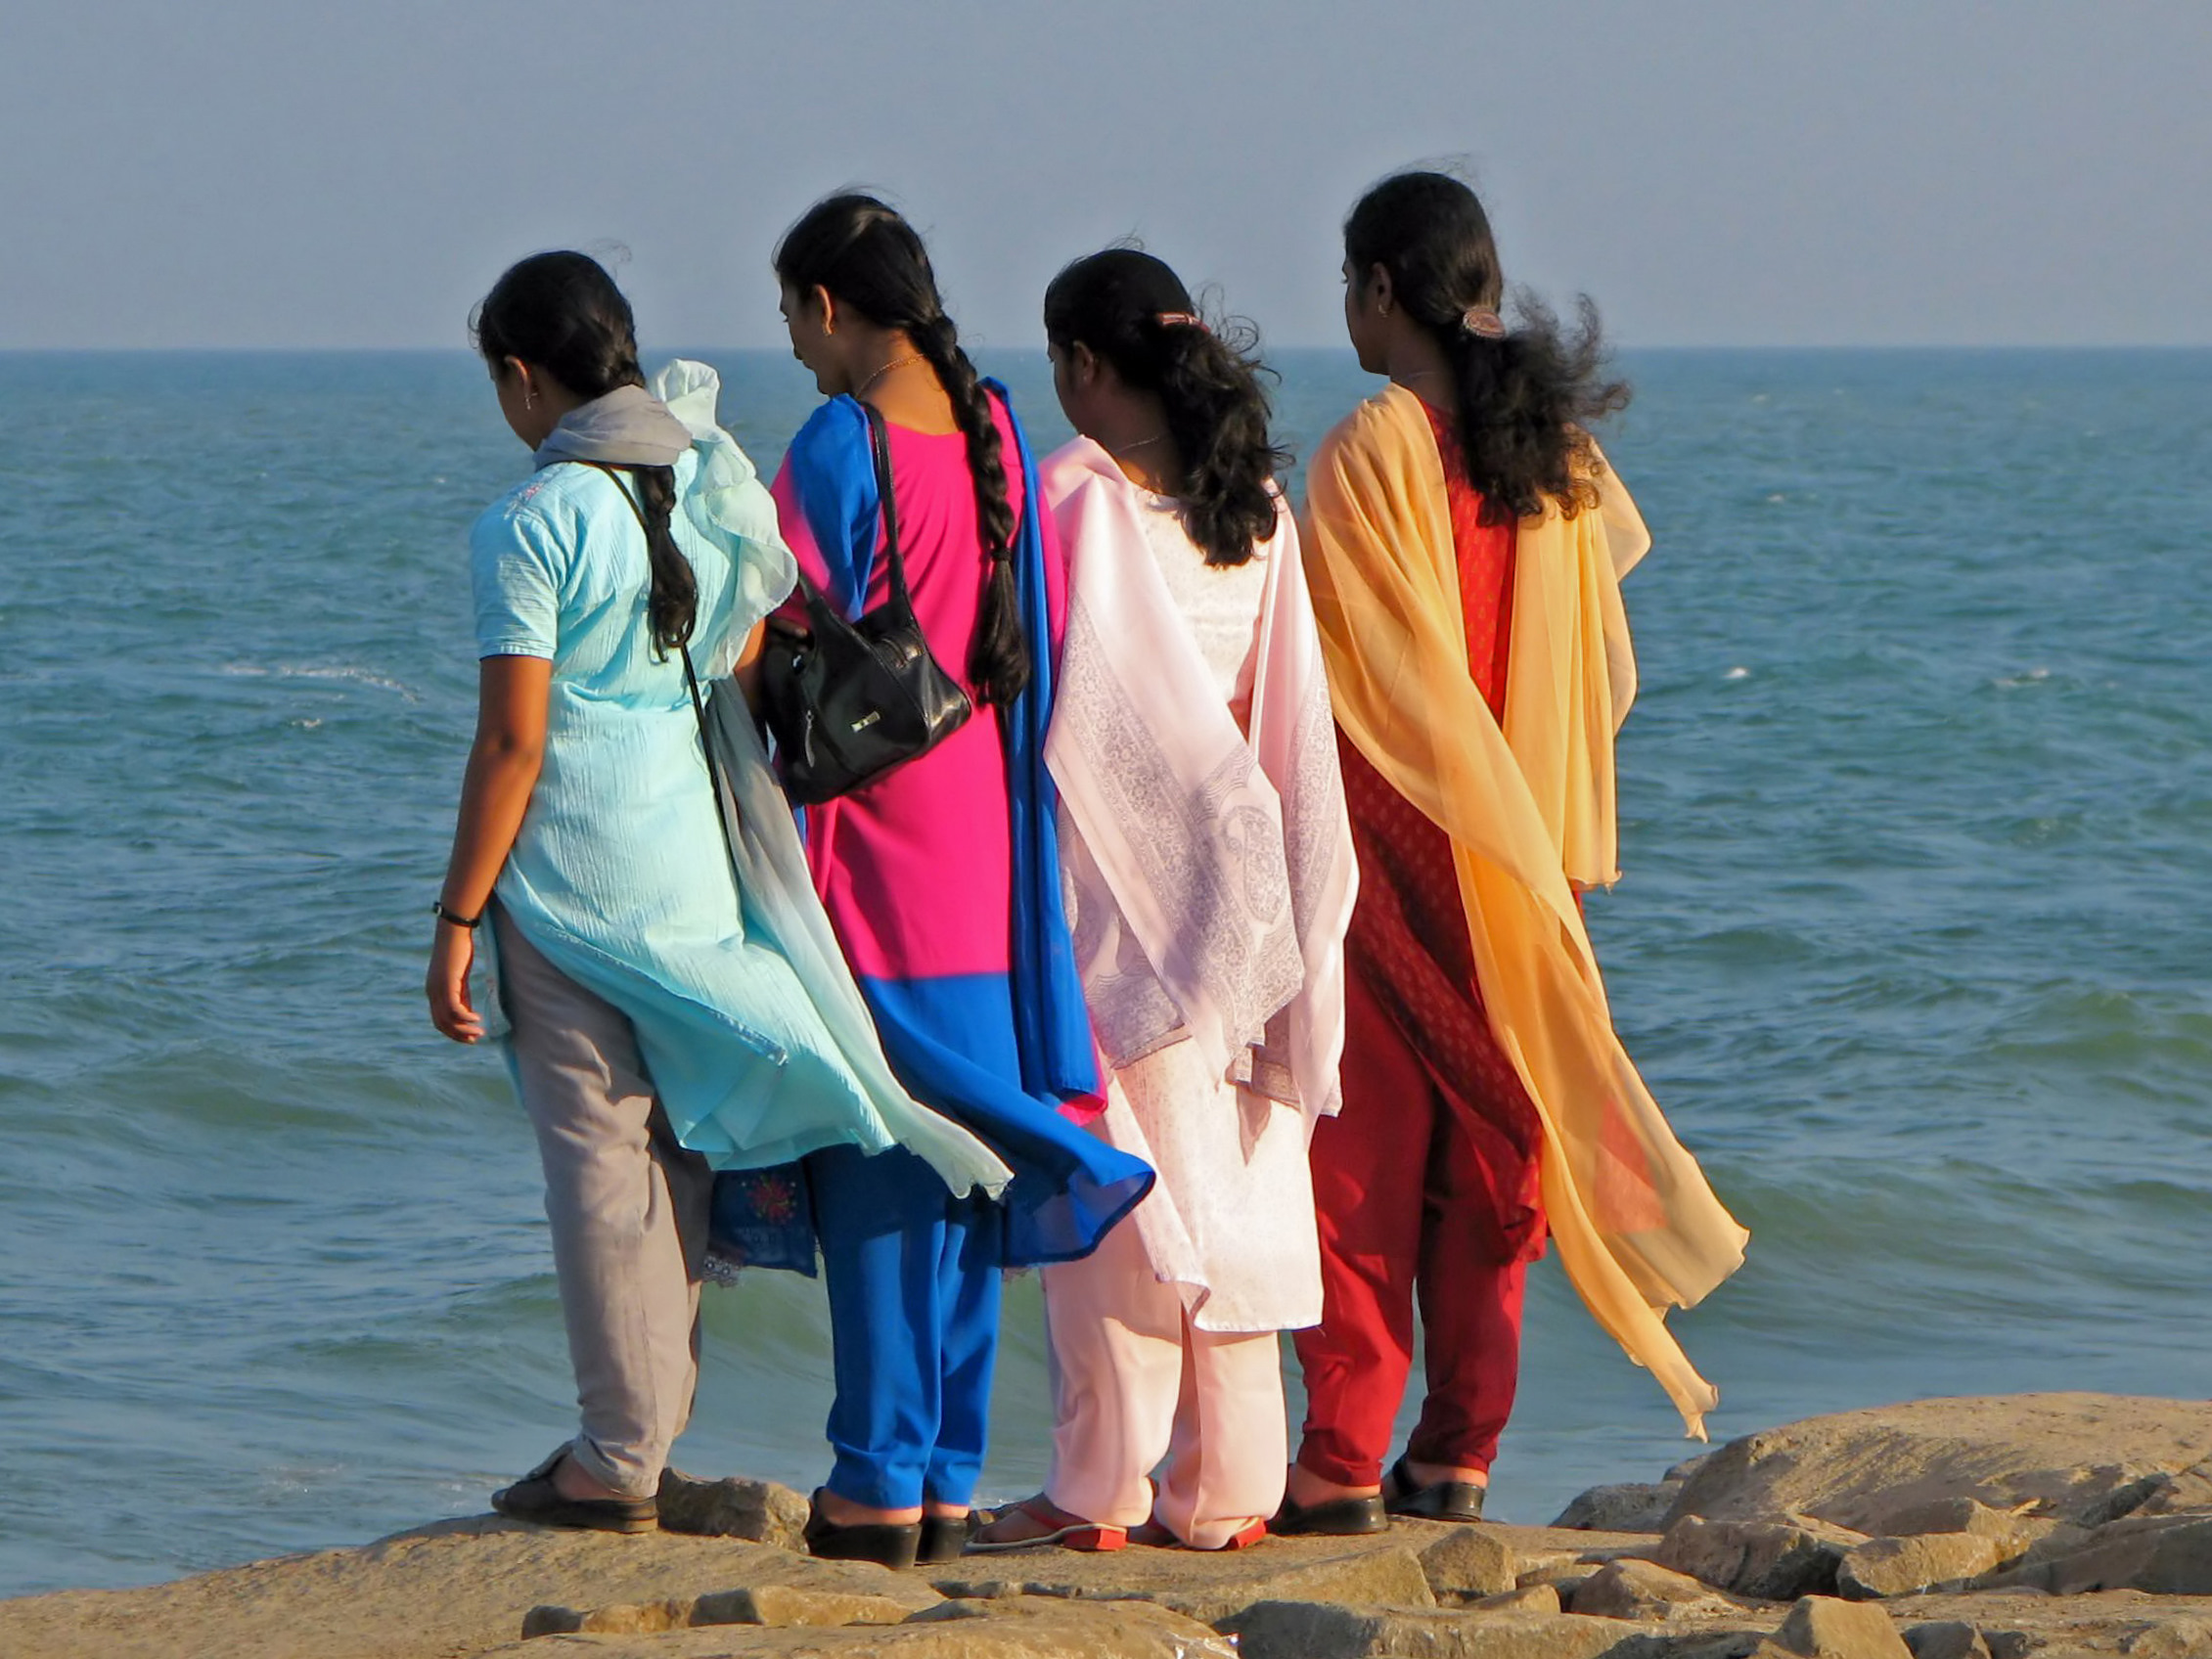 Women_of_Puducherry.jpg (2261×1696)